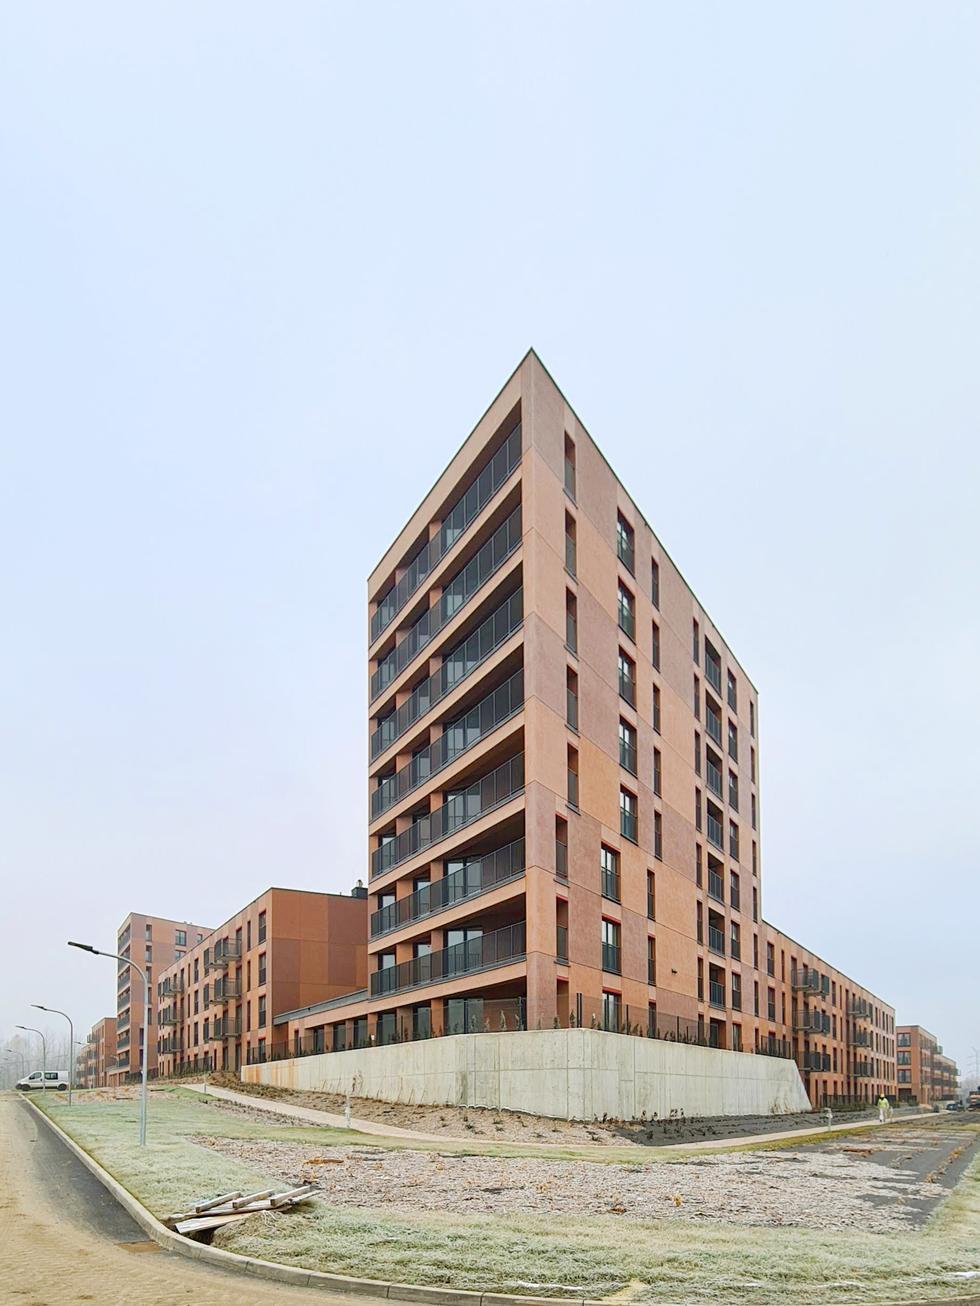 Mieszkanie Plus Katowice: Nowy Nikiszowiec projektu 22Architekci [NOWE ZDJĘCIA]